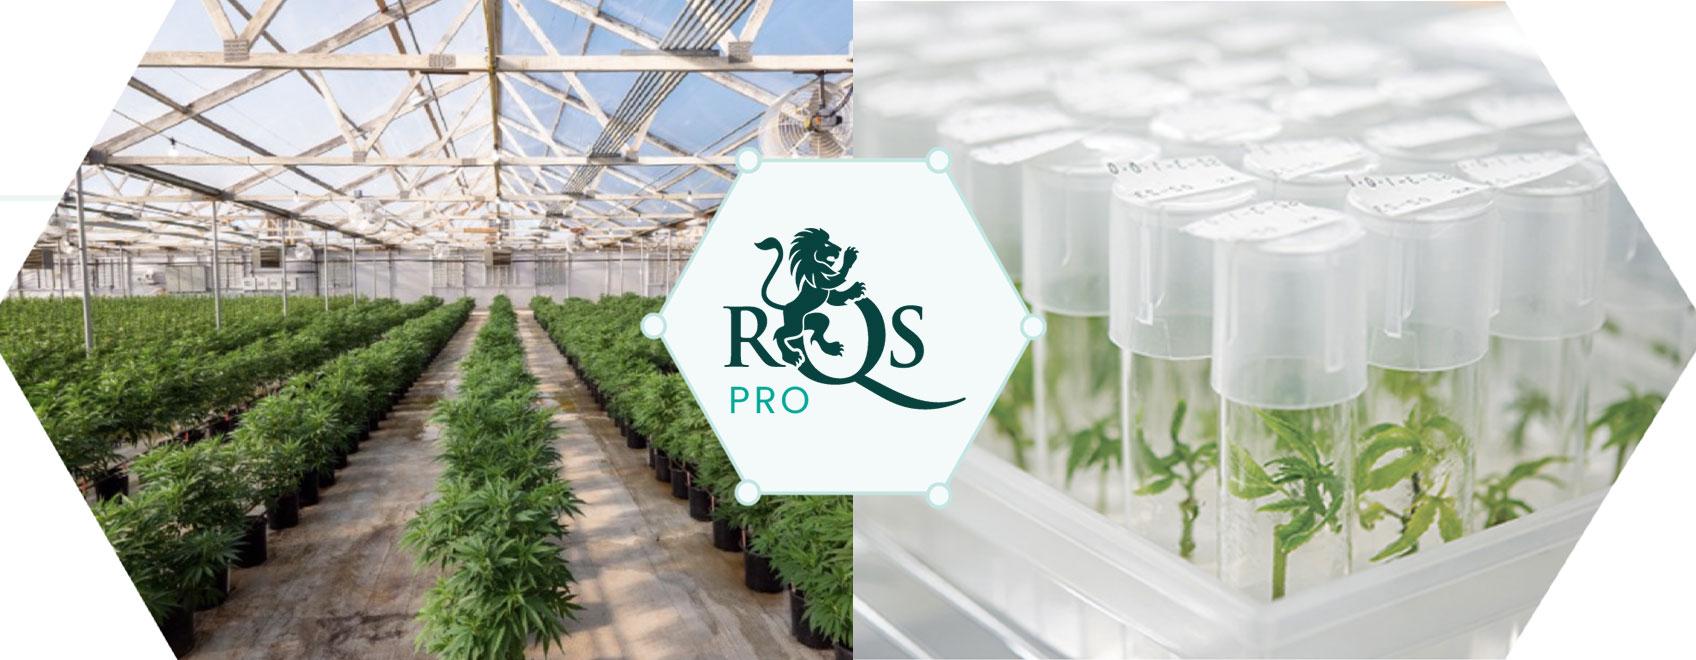 XRQS Pro: liderando la innovación y el desarrollo del cannabis